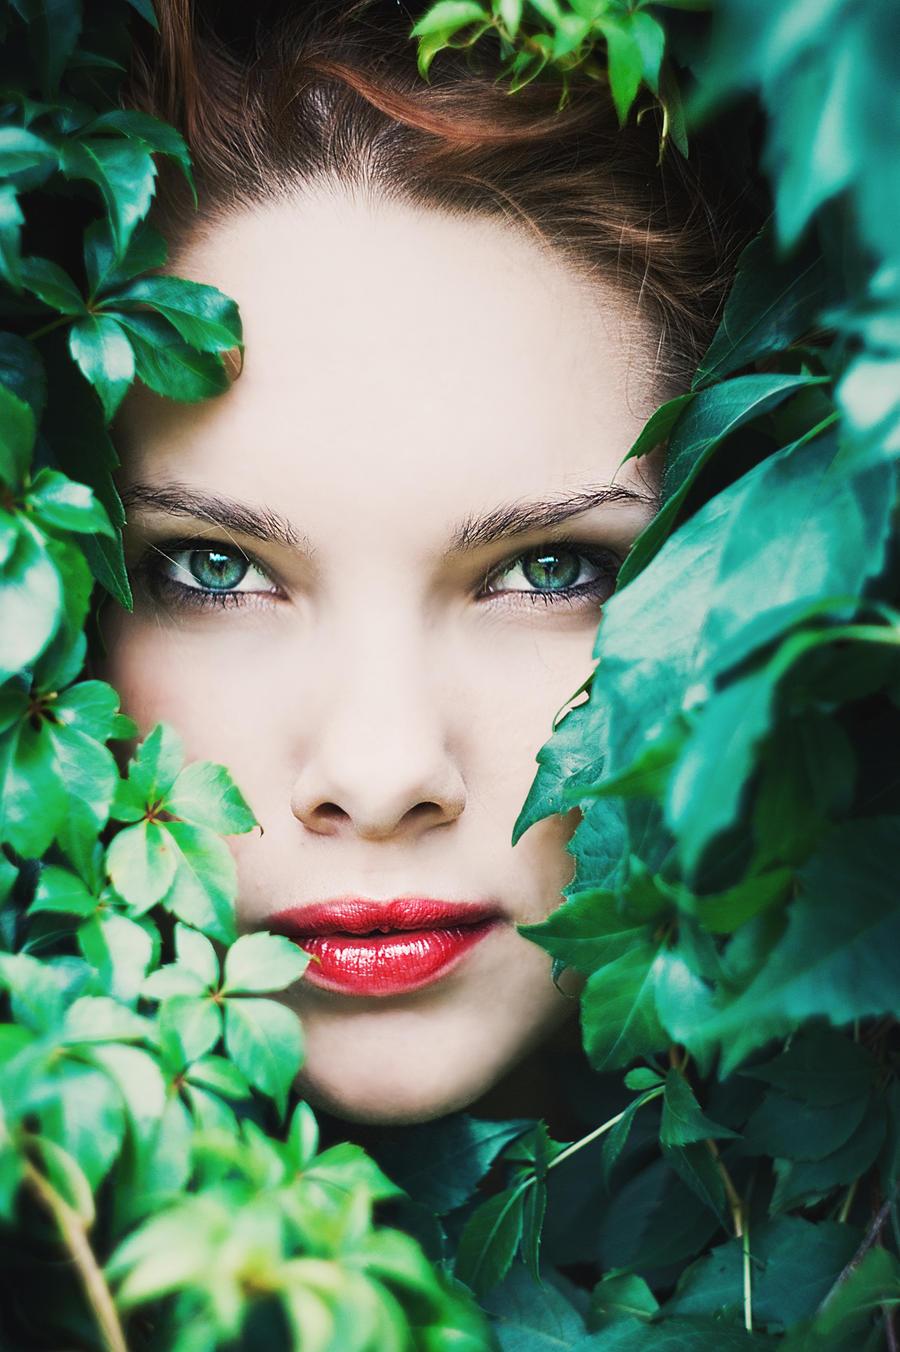 natural girl by literkaxp